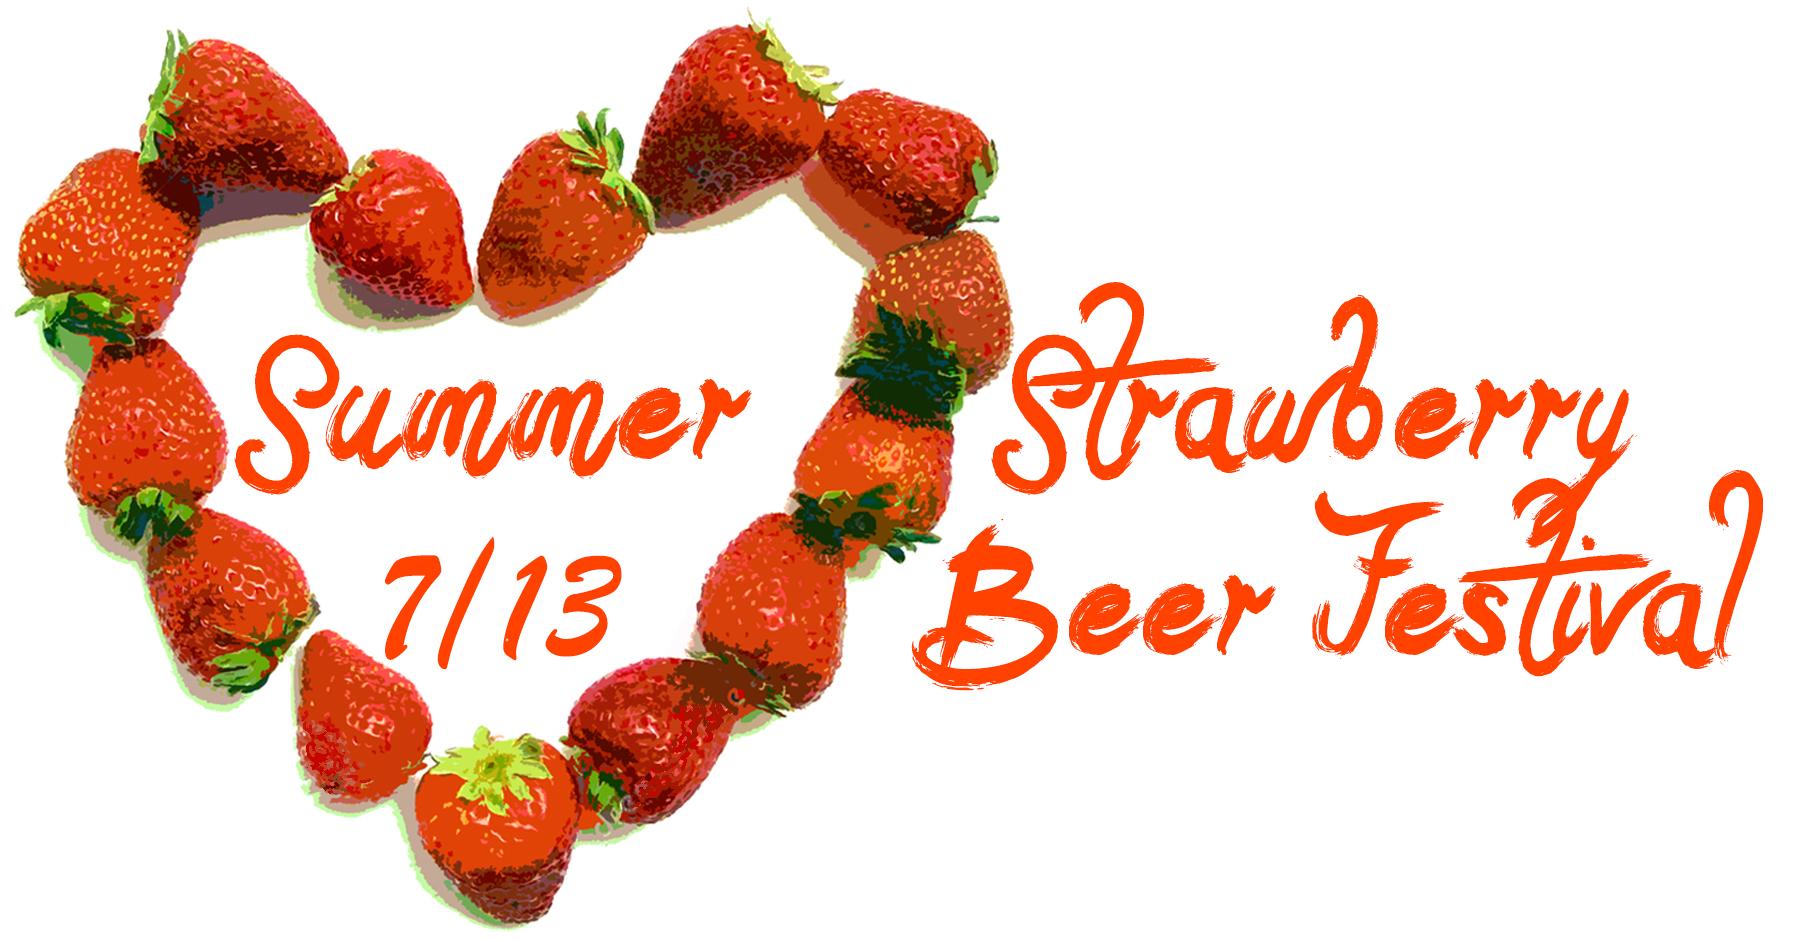 Summer_Strawberry_Beer_Fest_2019_FB_banner.jpg